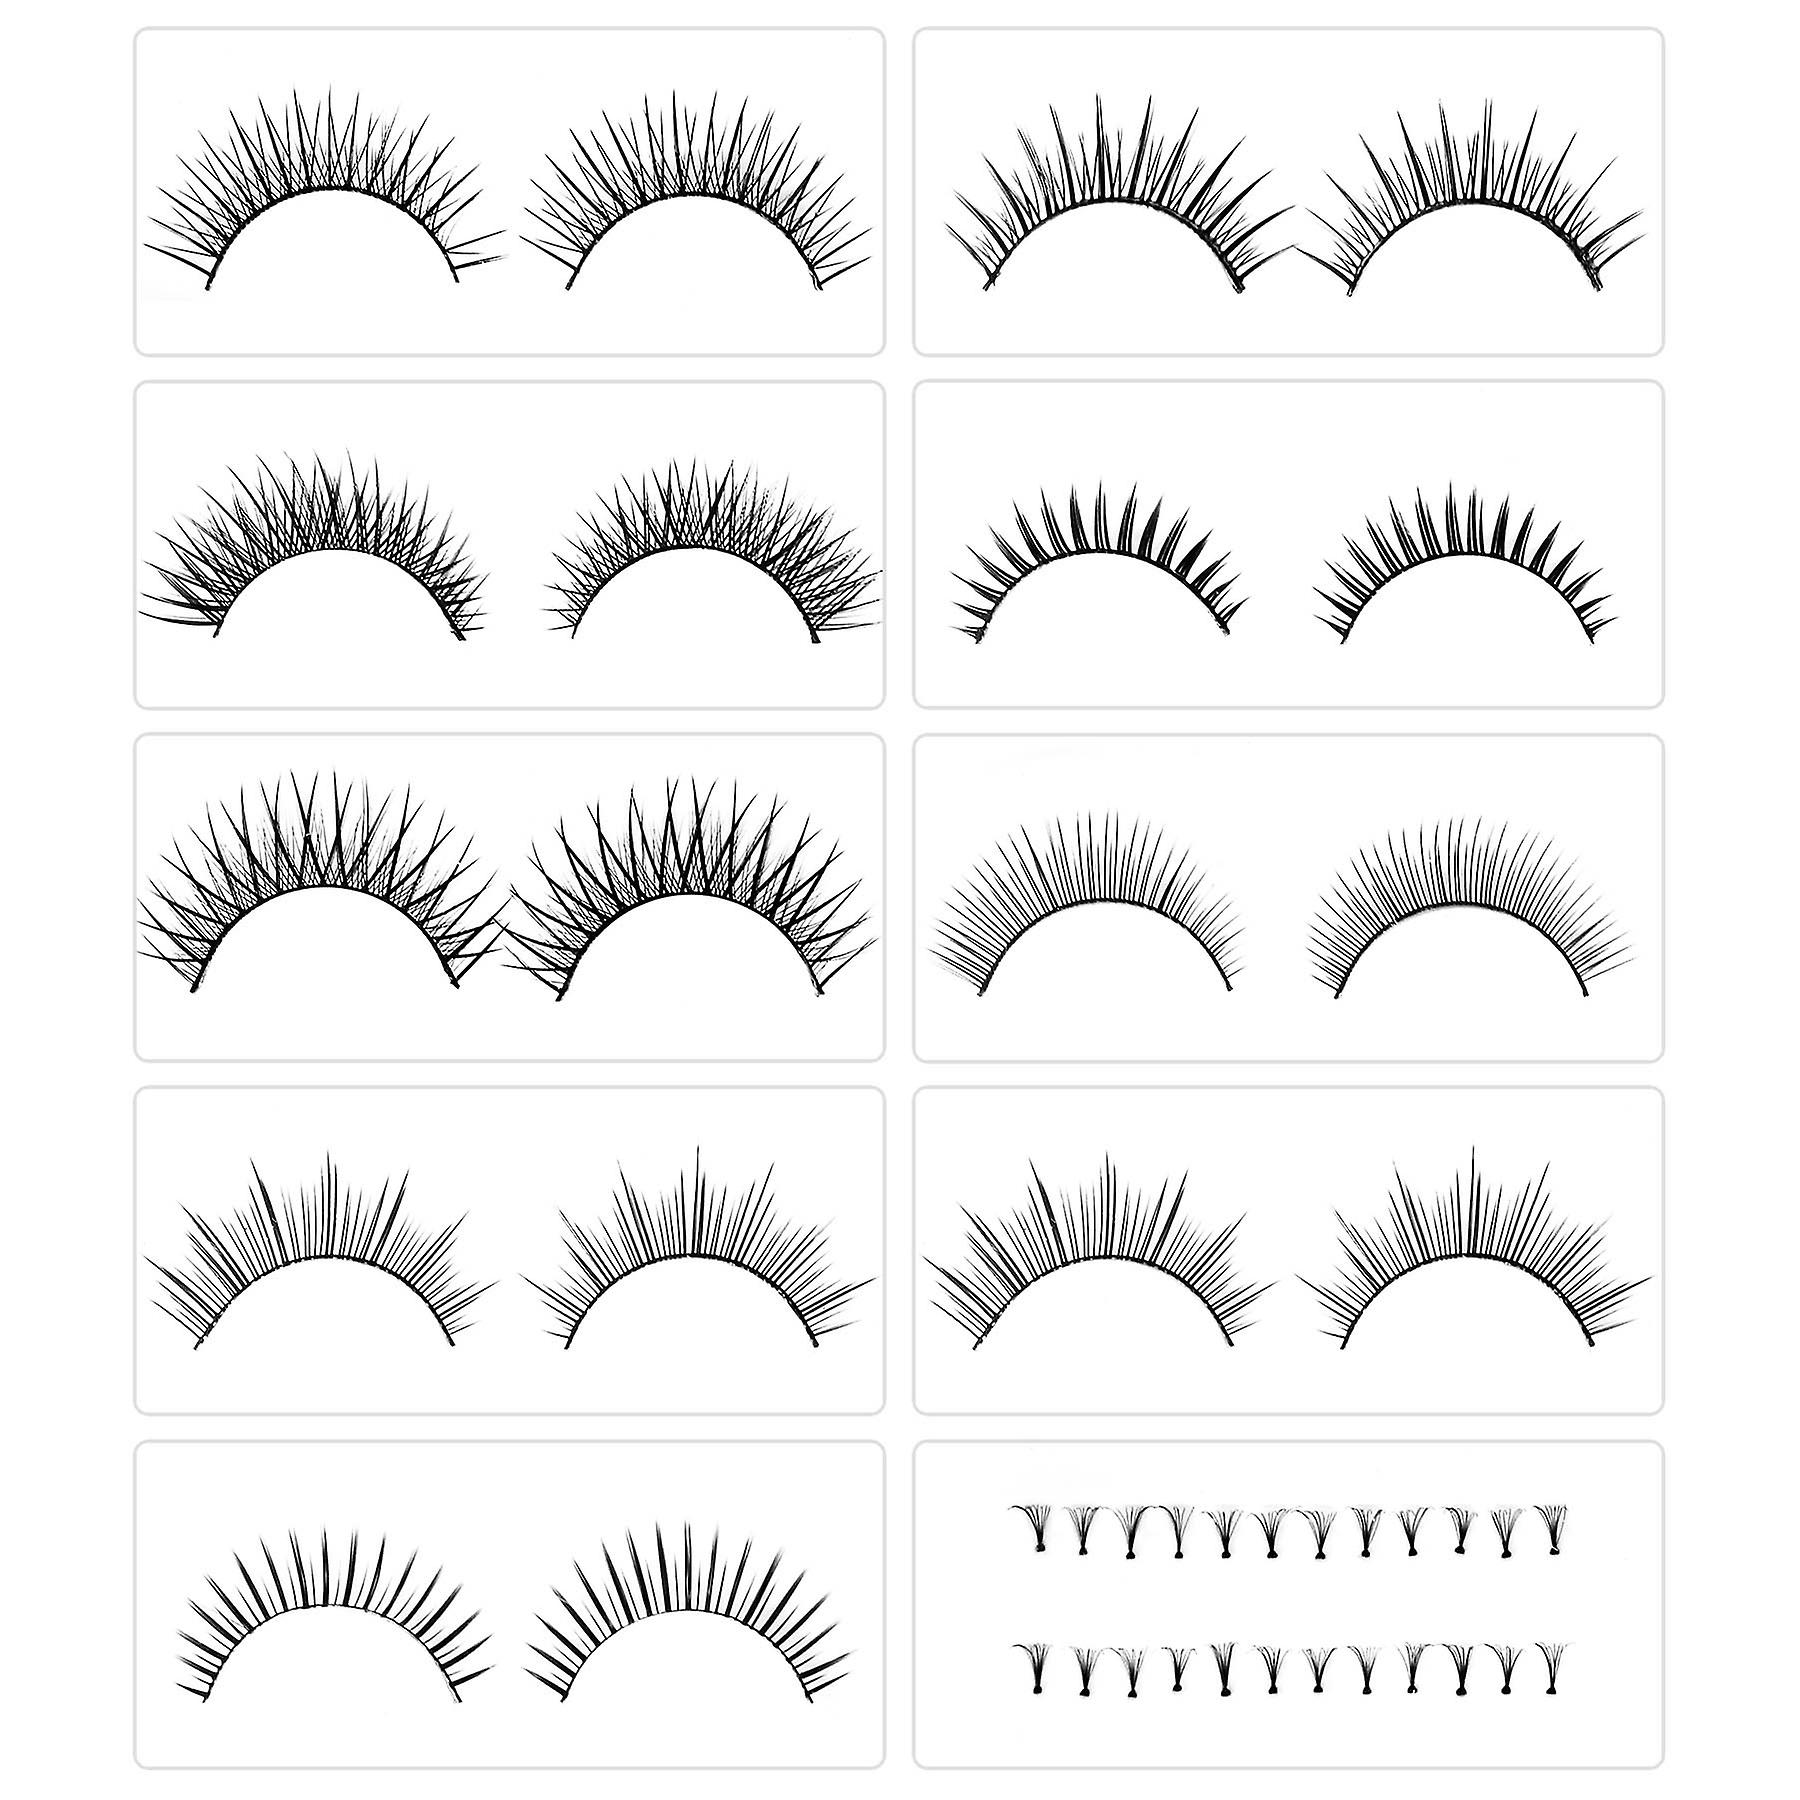 SHANY Eyelash extend - set of 10 assorted reusable eyelashes